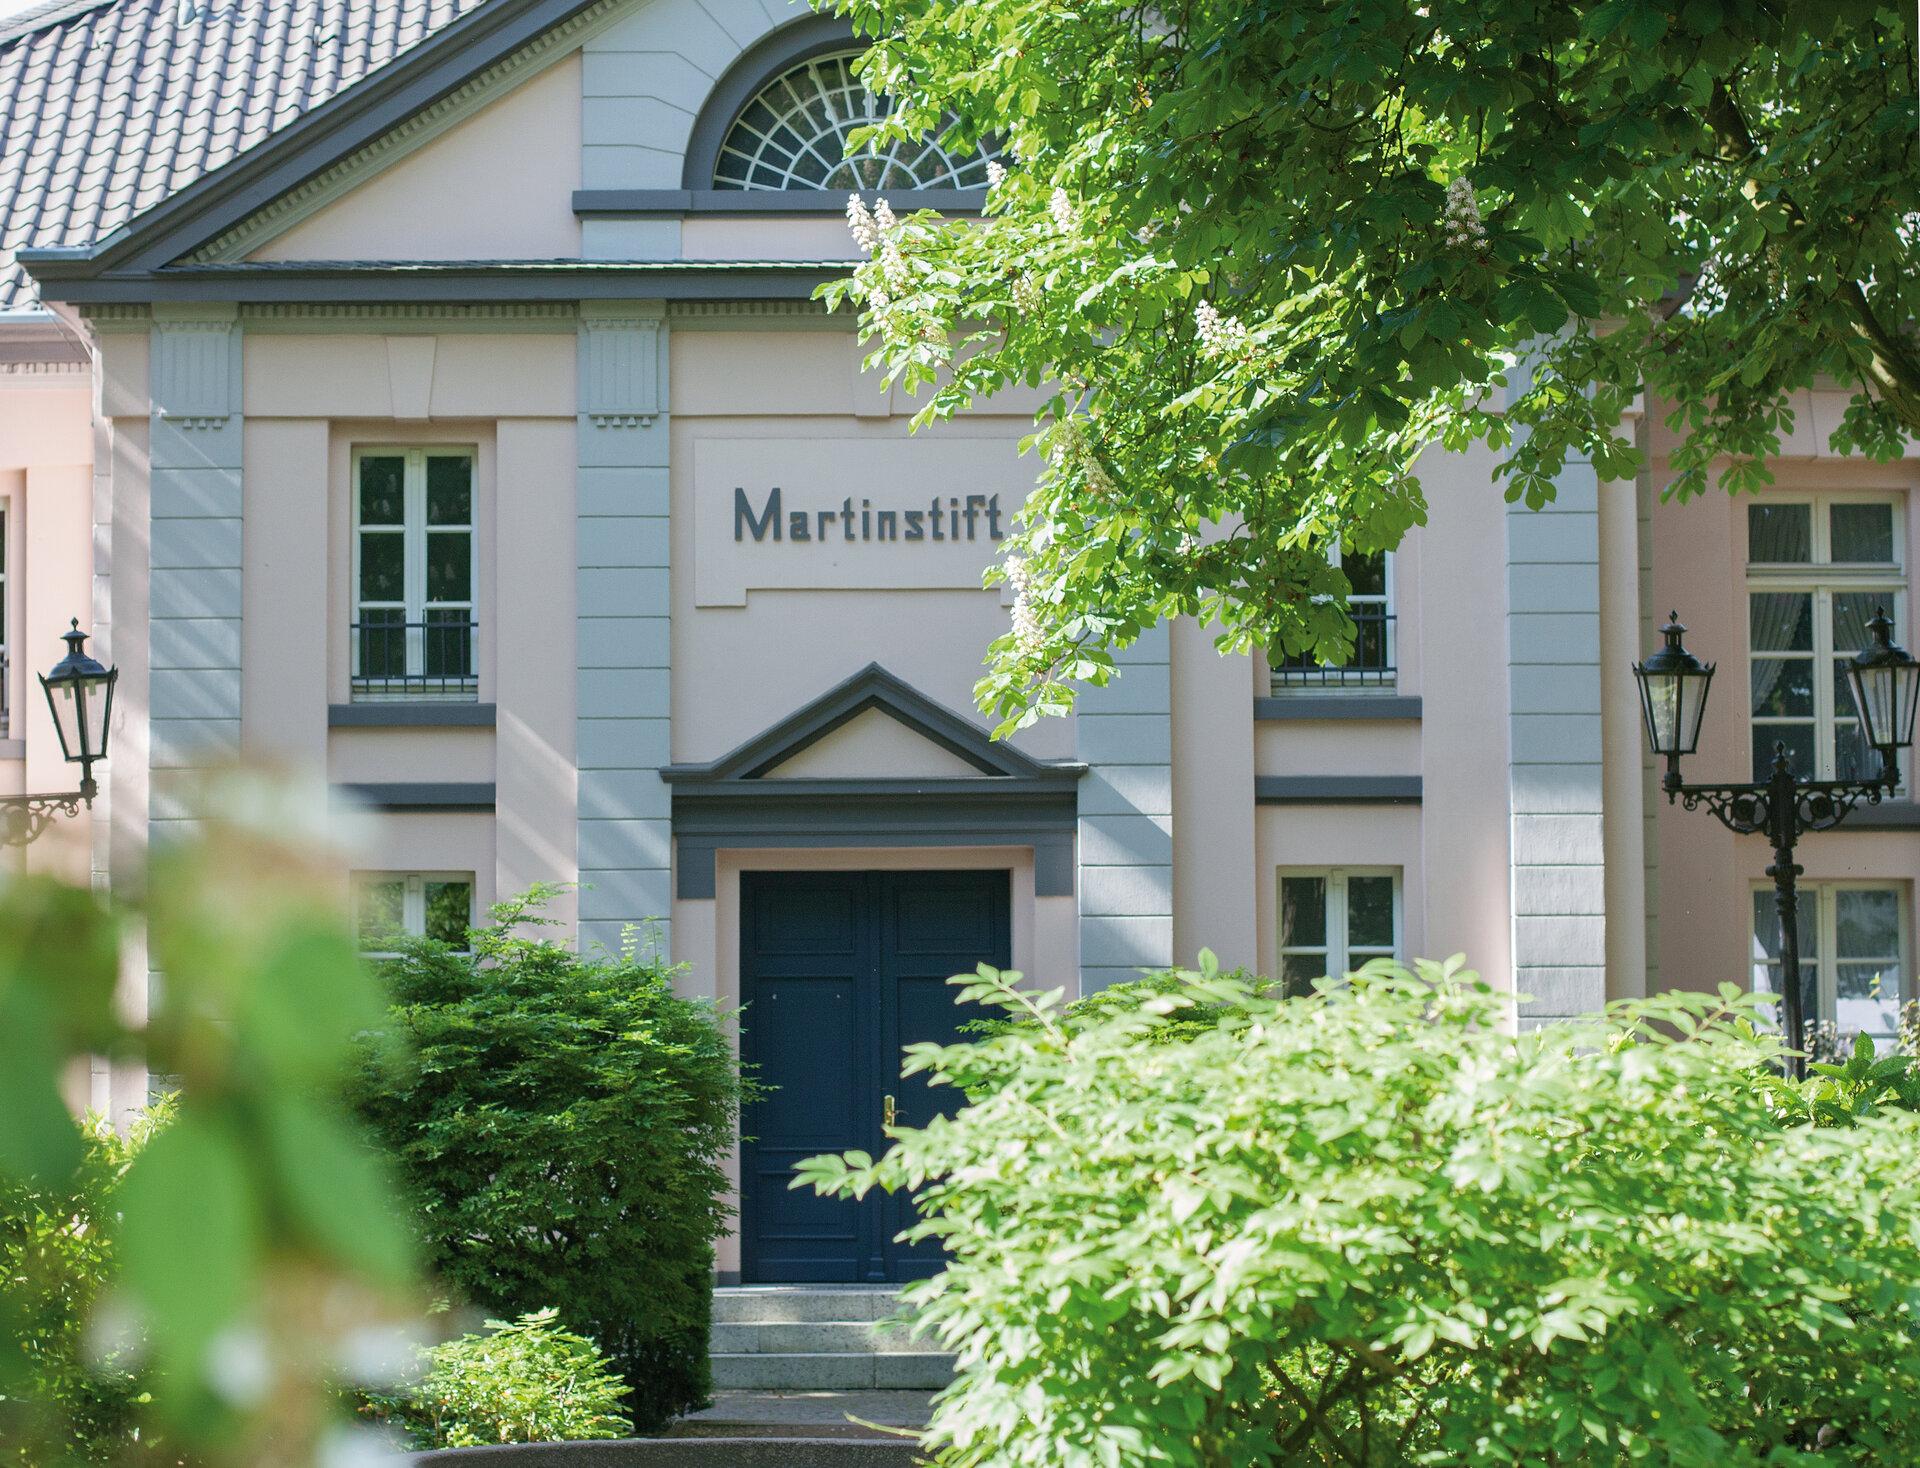 Martinstift